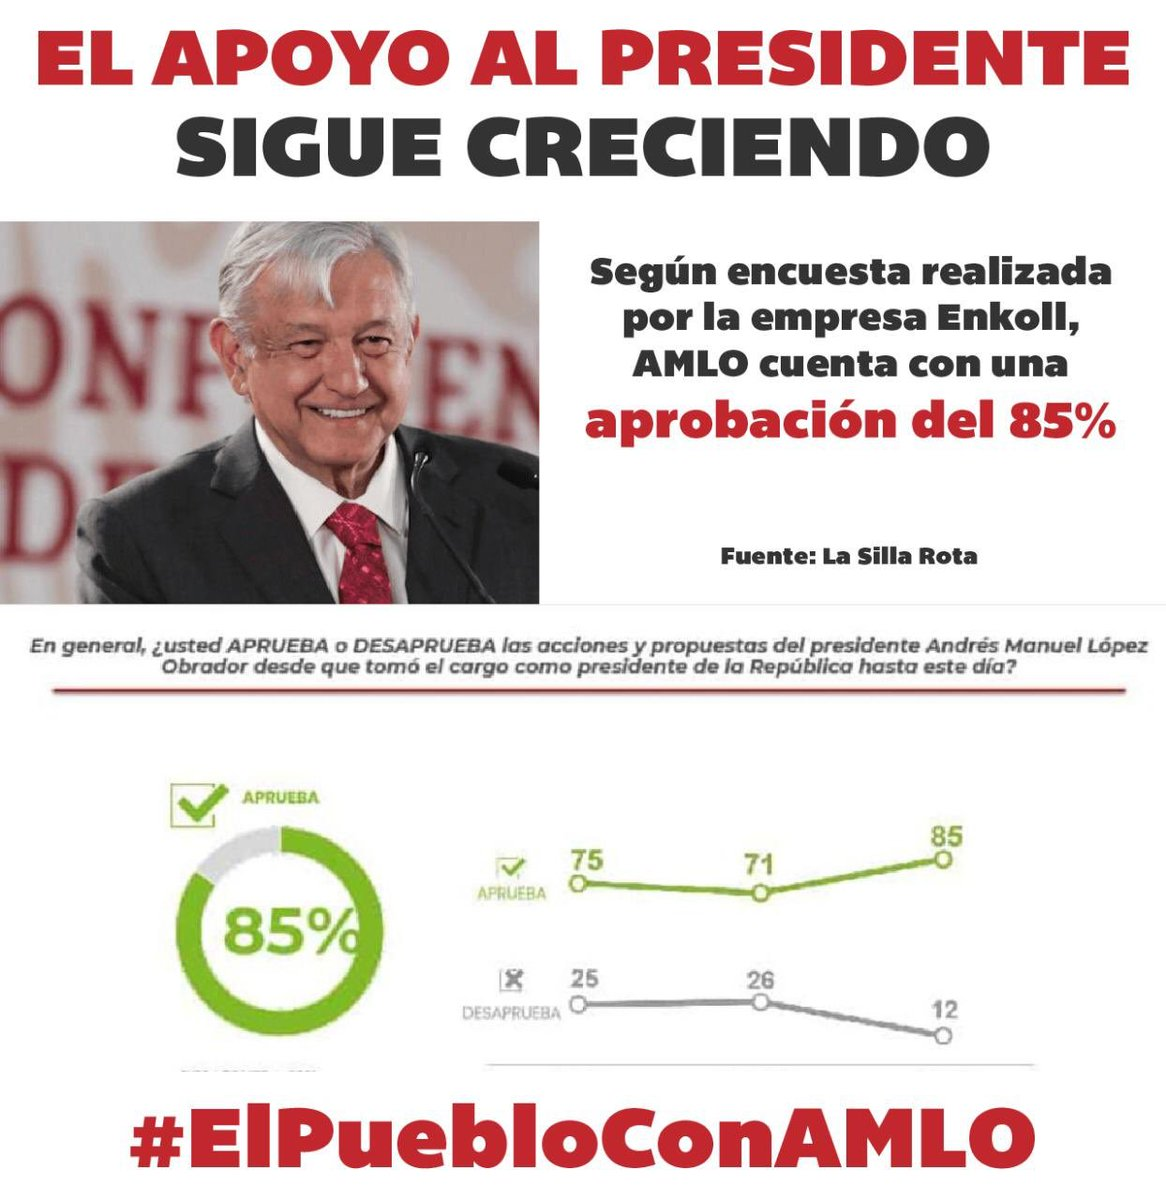 RT @AntaresVazAla: Va muy bien esto de la #4T, la opinión de la gente lo dice #ElPuebloConAMLO 🇲🇽 https://t.co/Apd6rkSZjw